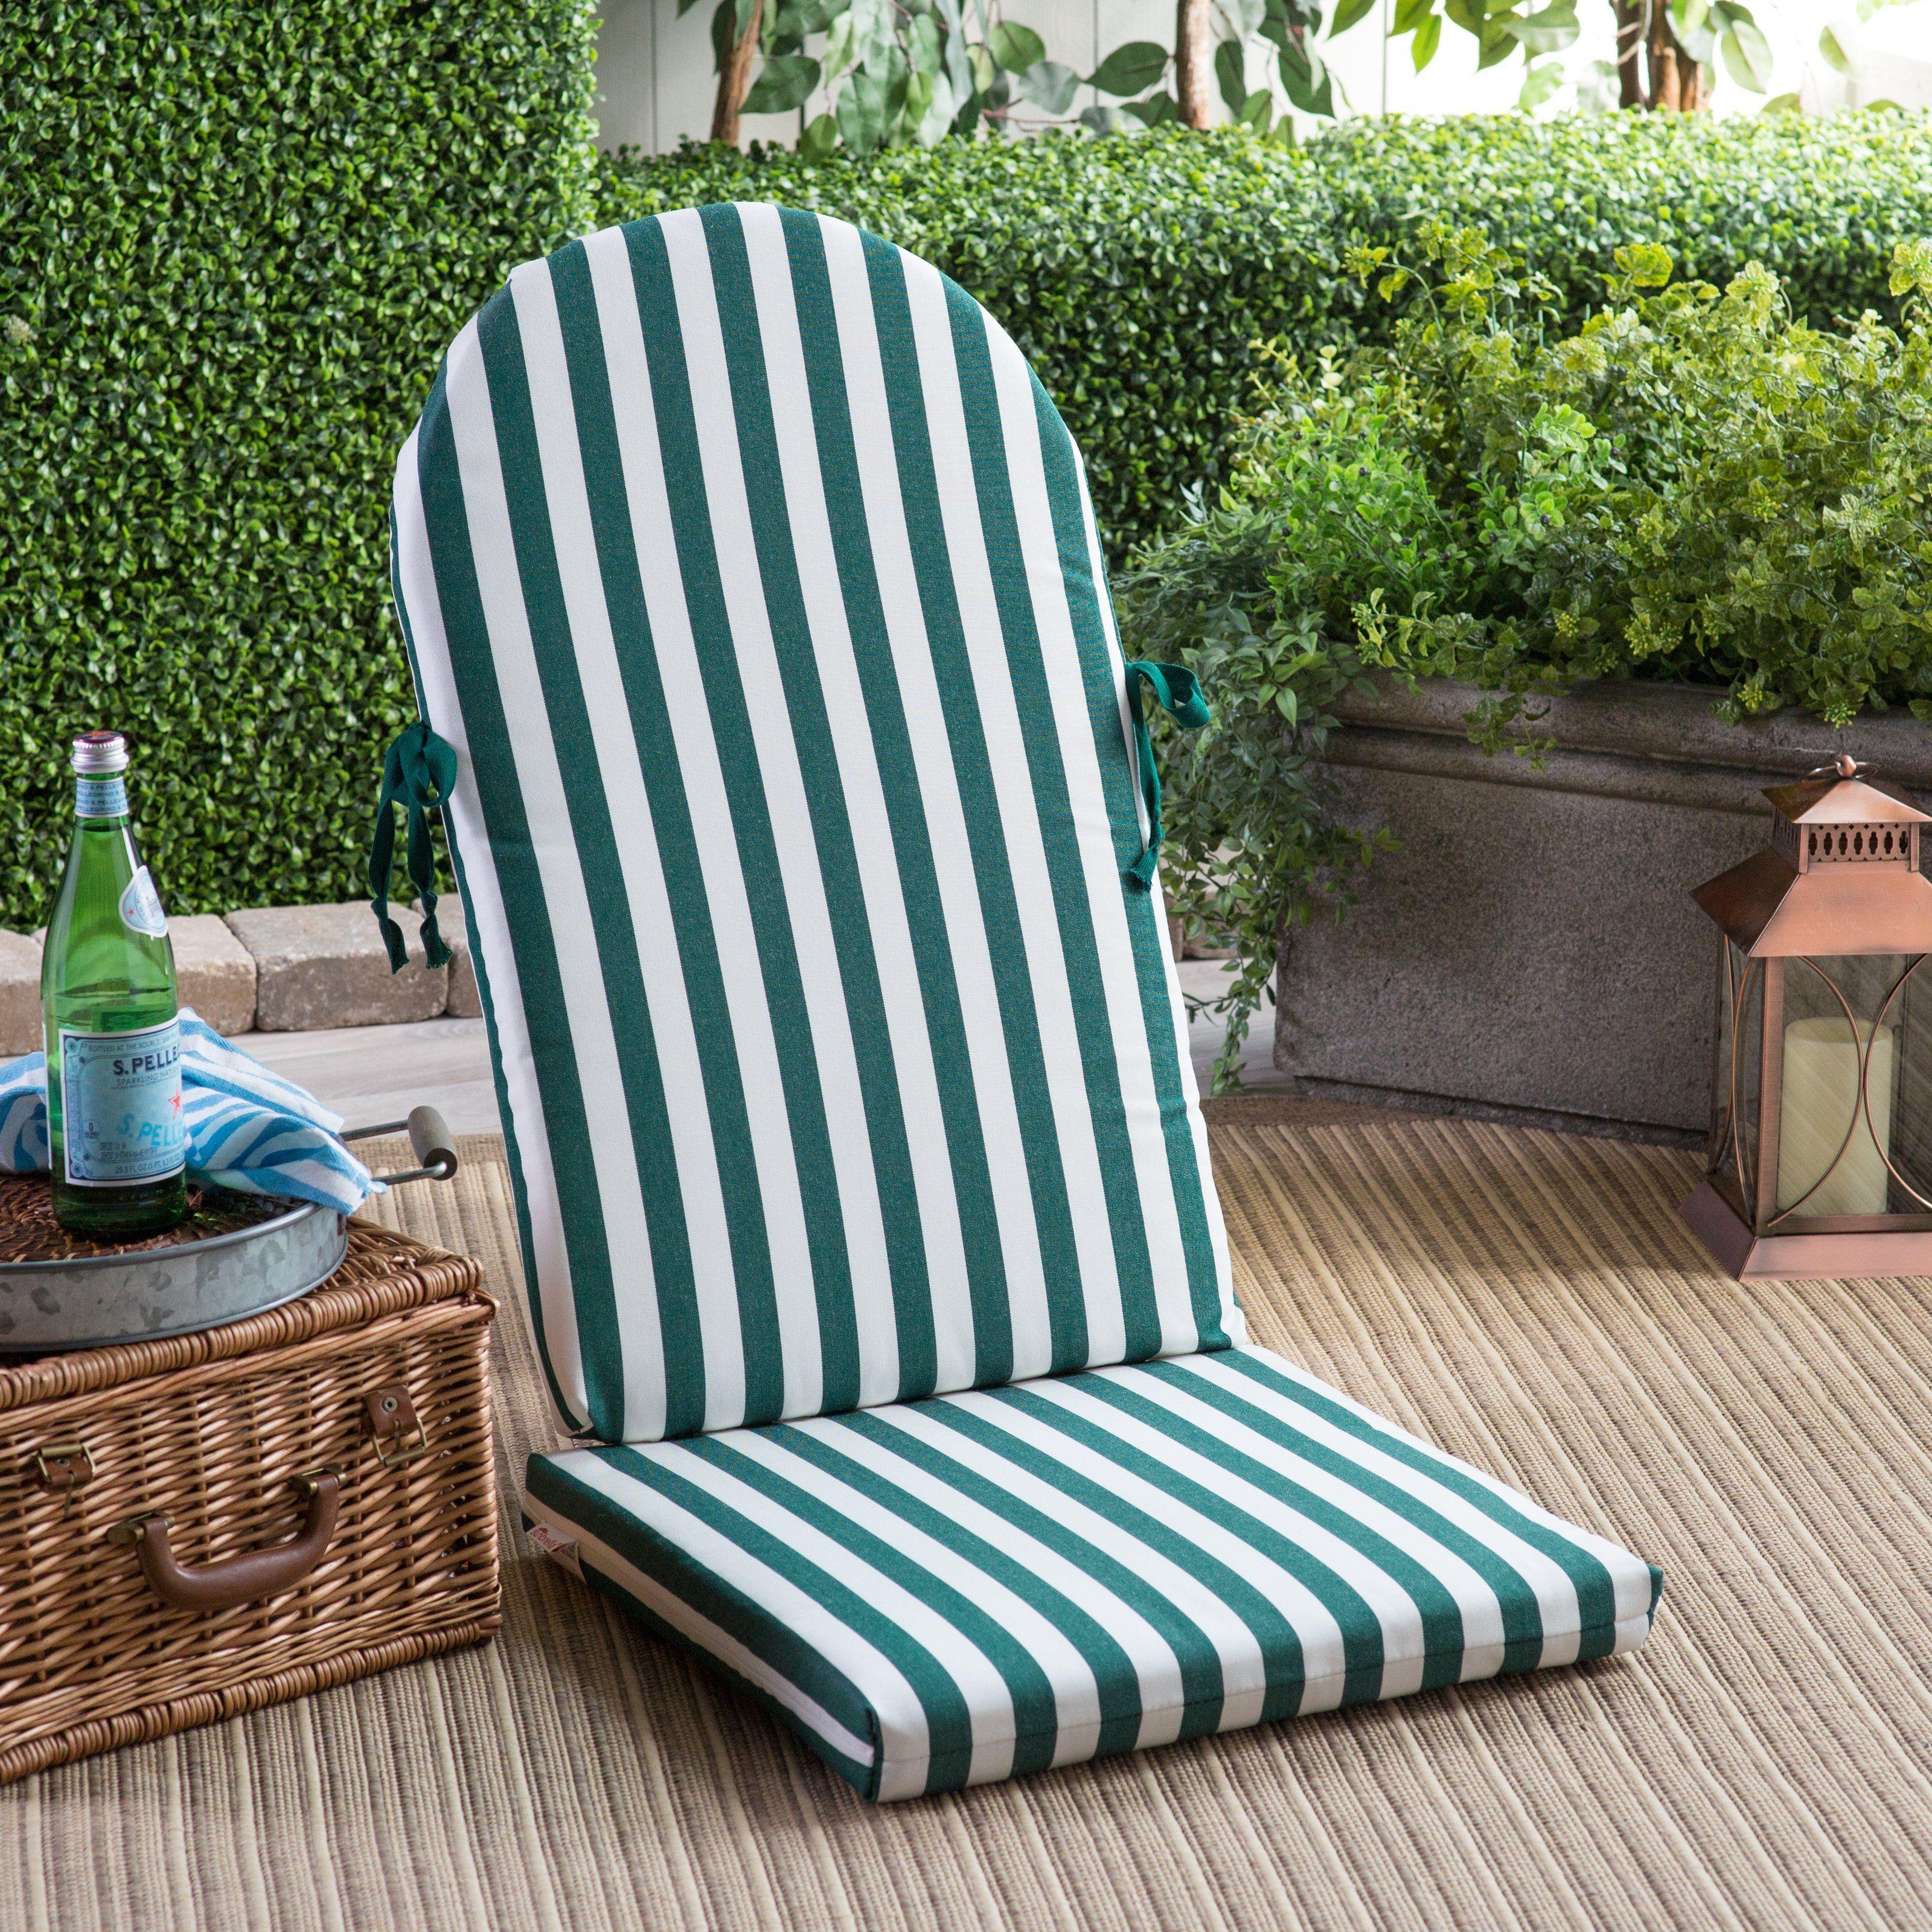 Polywood 49 5 X 20 Sunbrella Adirondack Chair Cushion Www